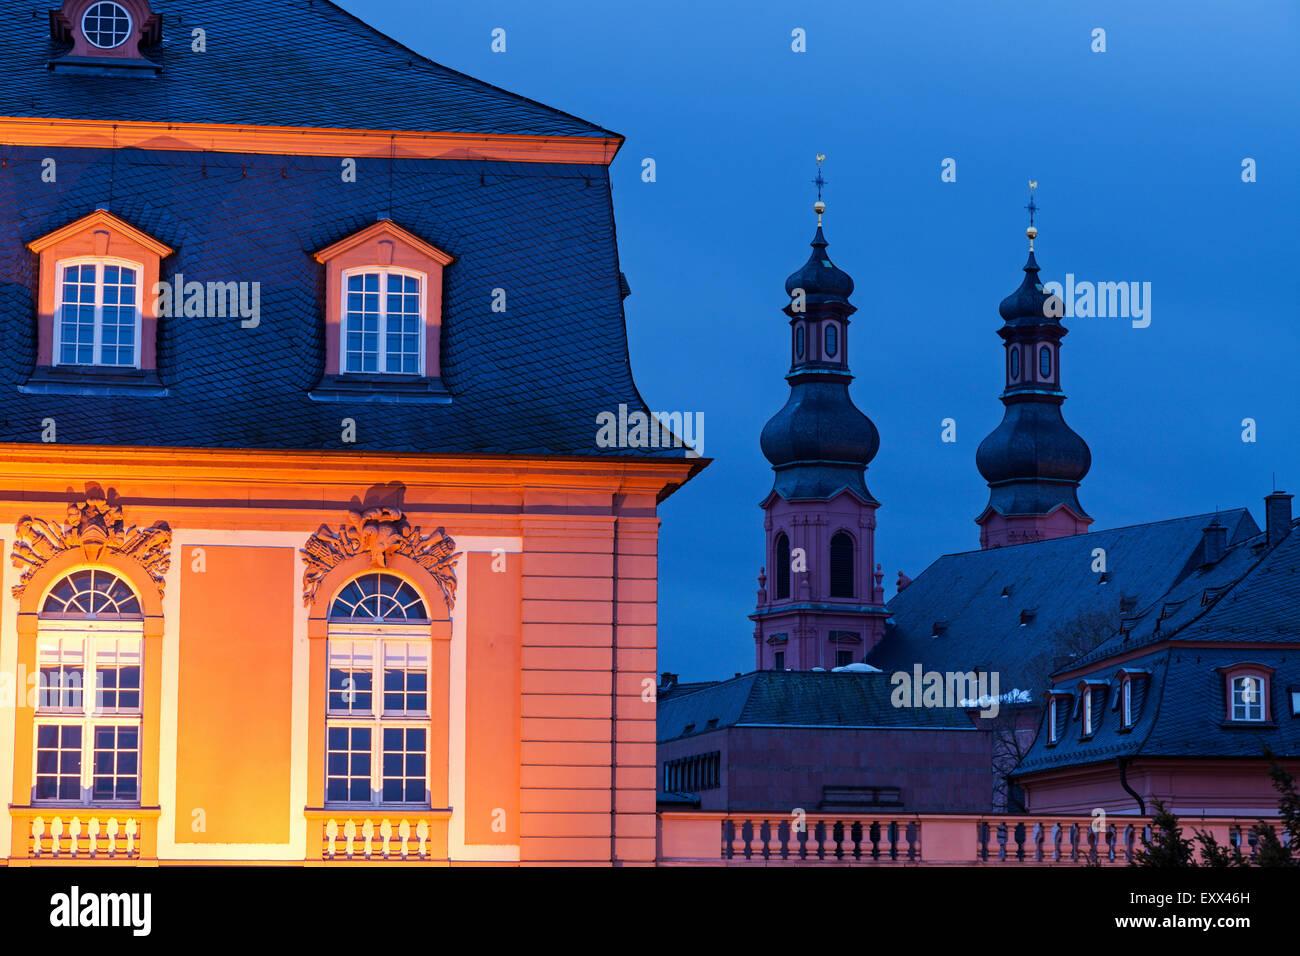 Illuminated Staatskanzlei Rheinland-Pfalz and St. Peter Church - Stock Image